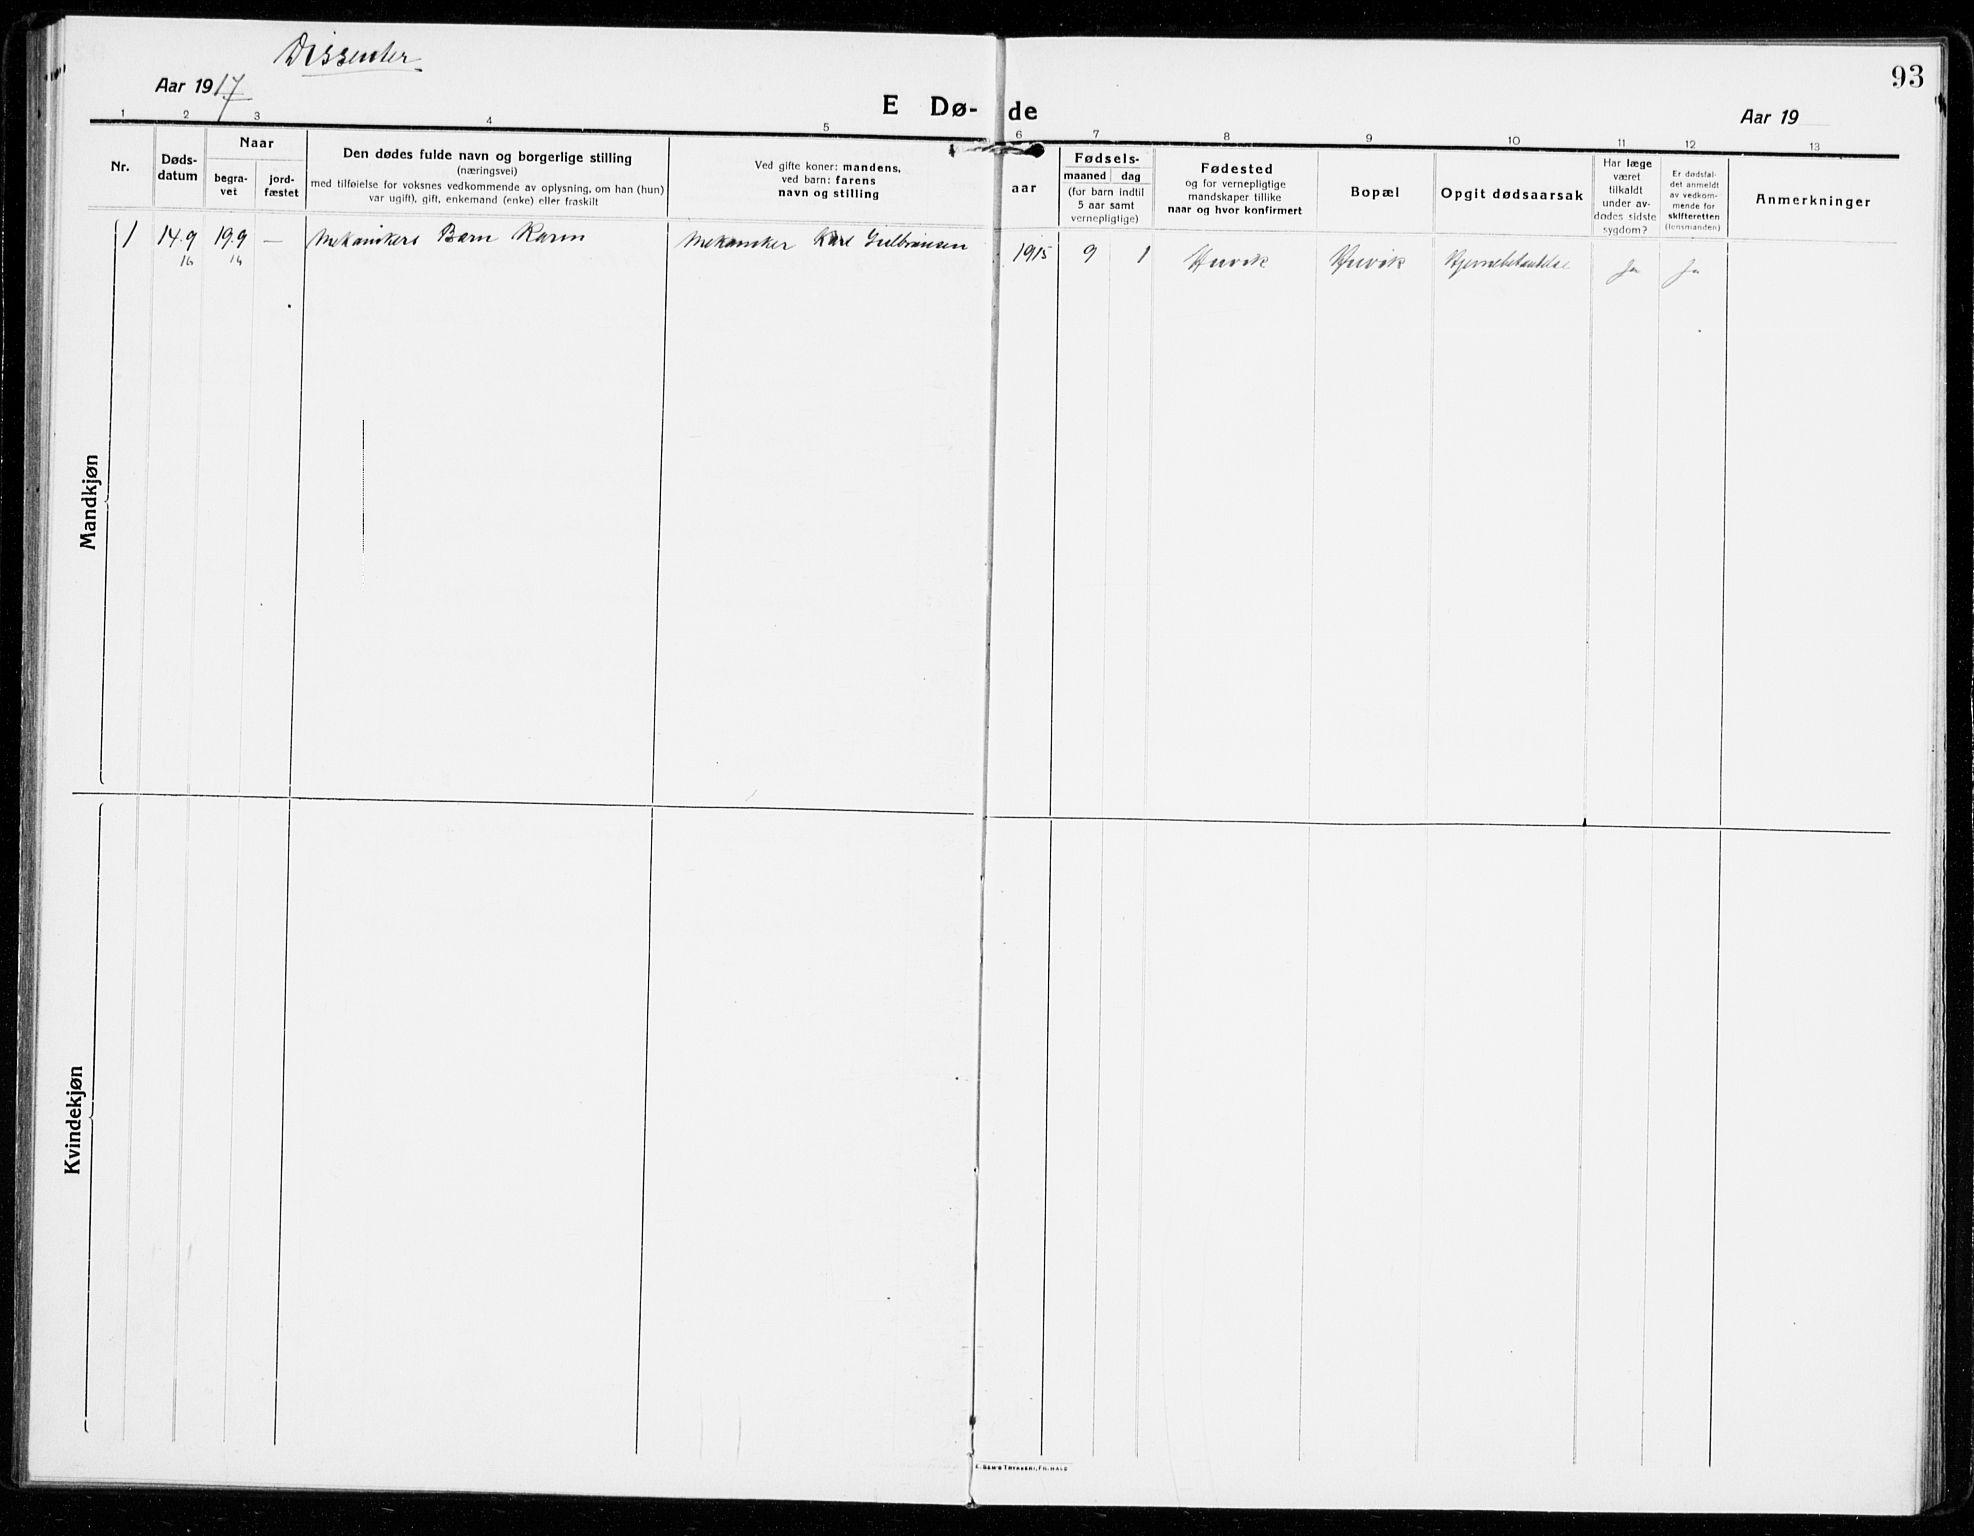 SAKO, Sandar kirkebøker, F/Fa/L0020: Ministerialbok nr. 20, 1915-1919, s. 93